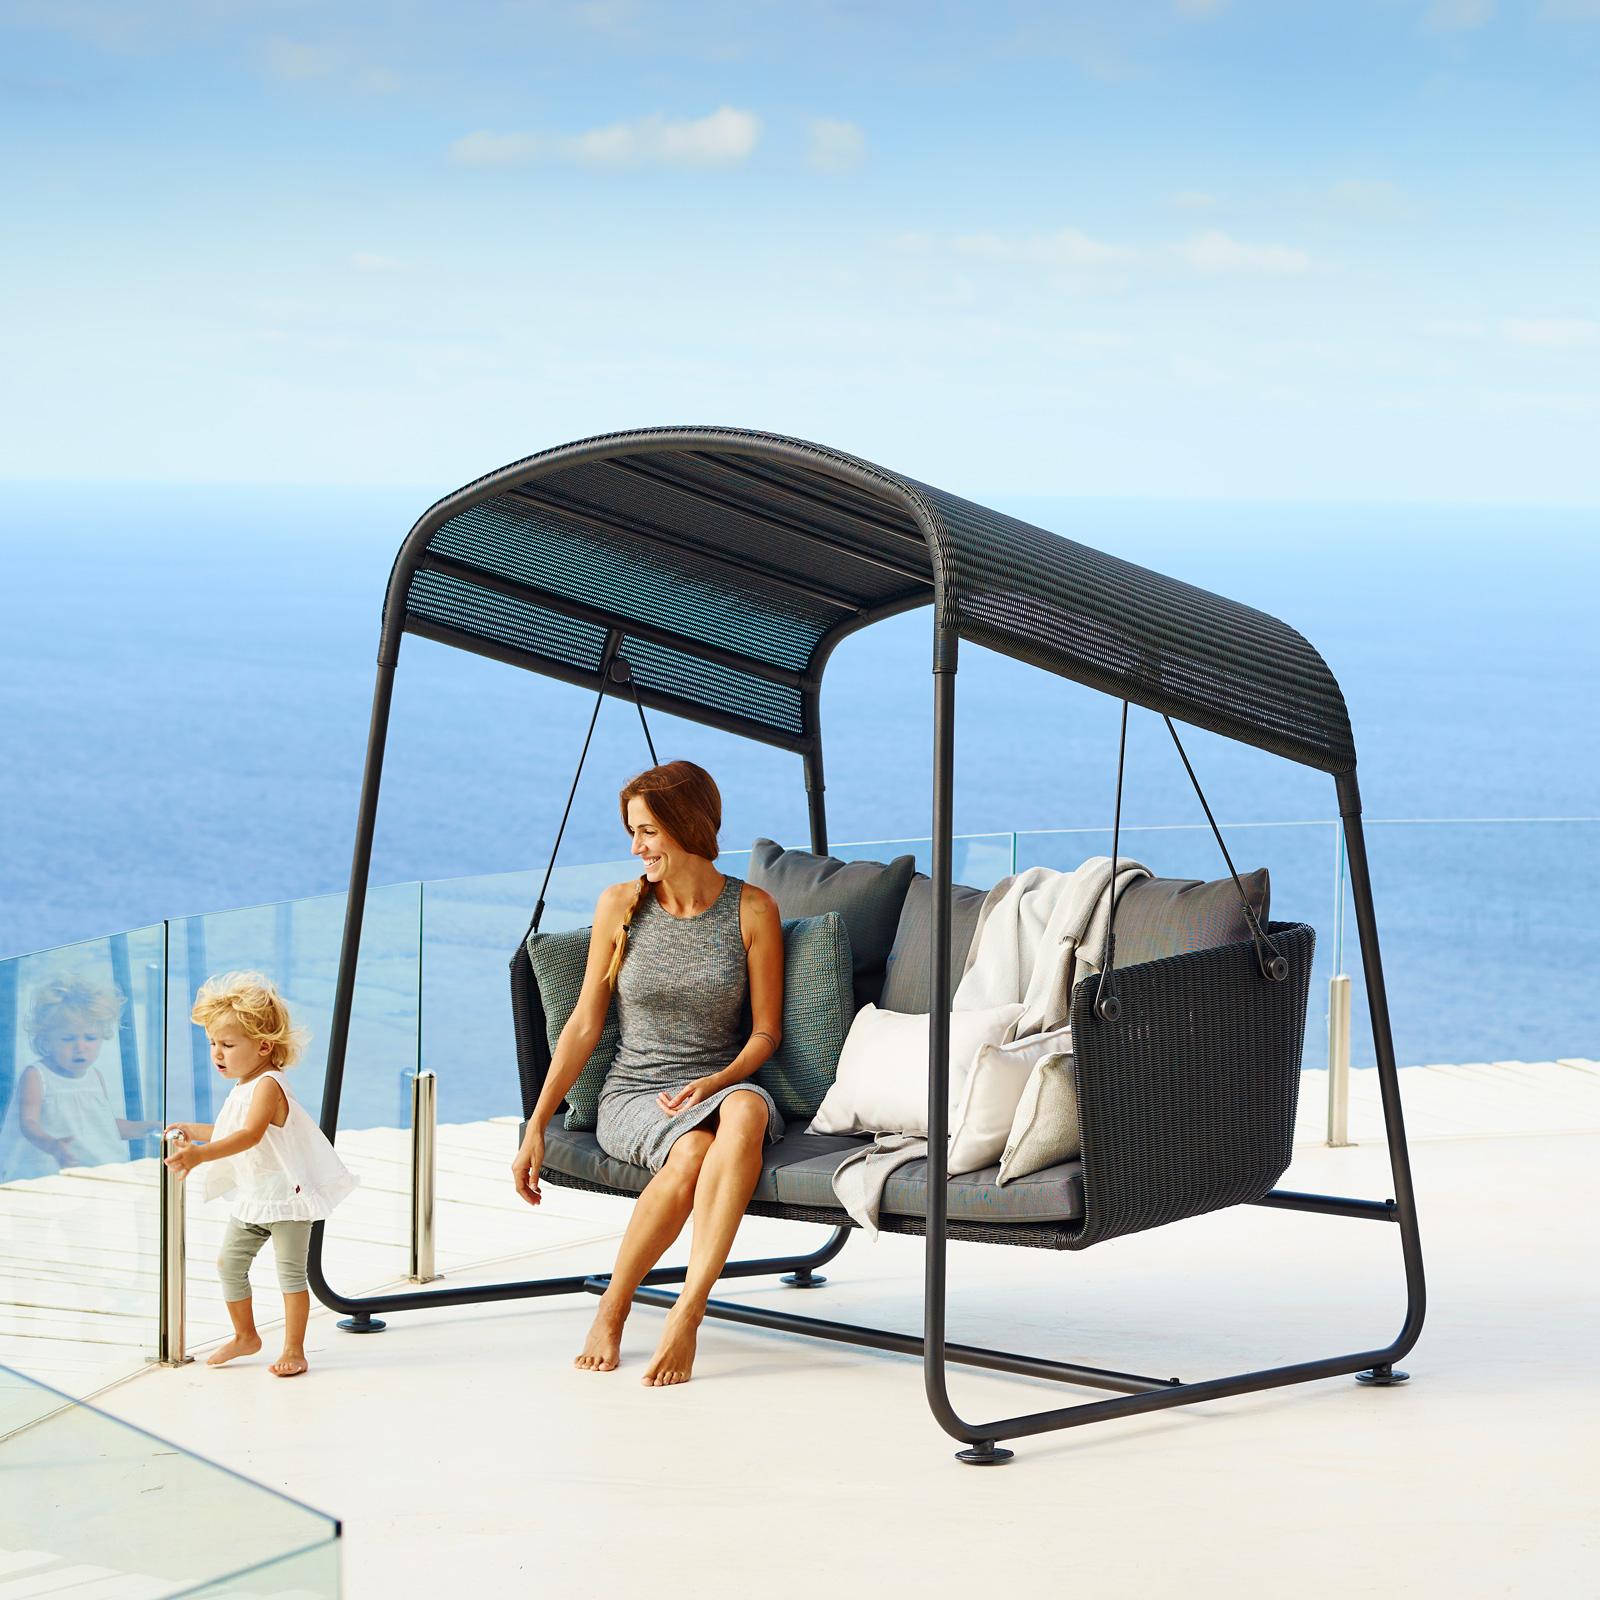 Funktionales Design vom dänischen Anbieter Cane-Line